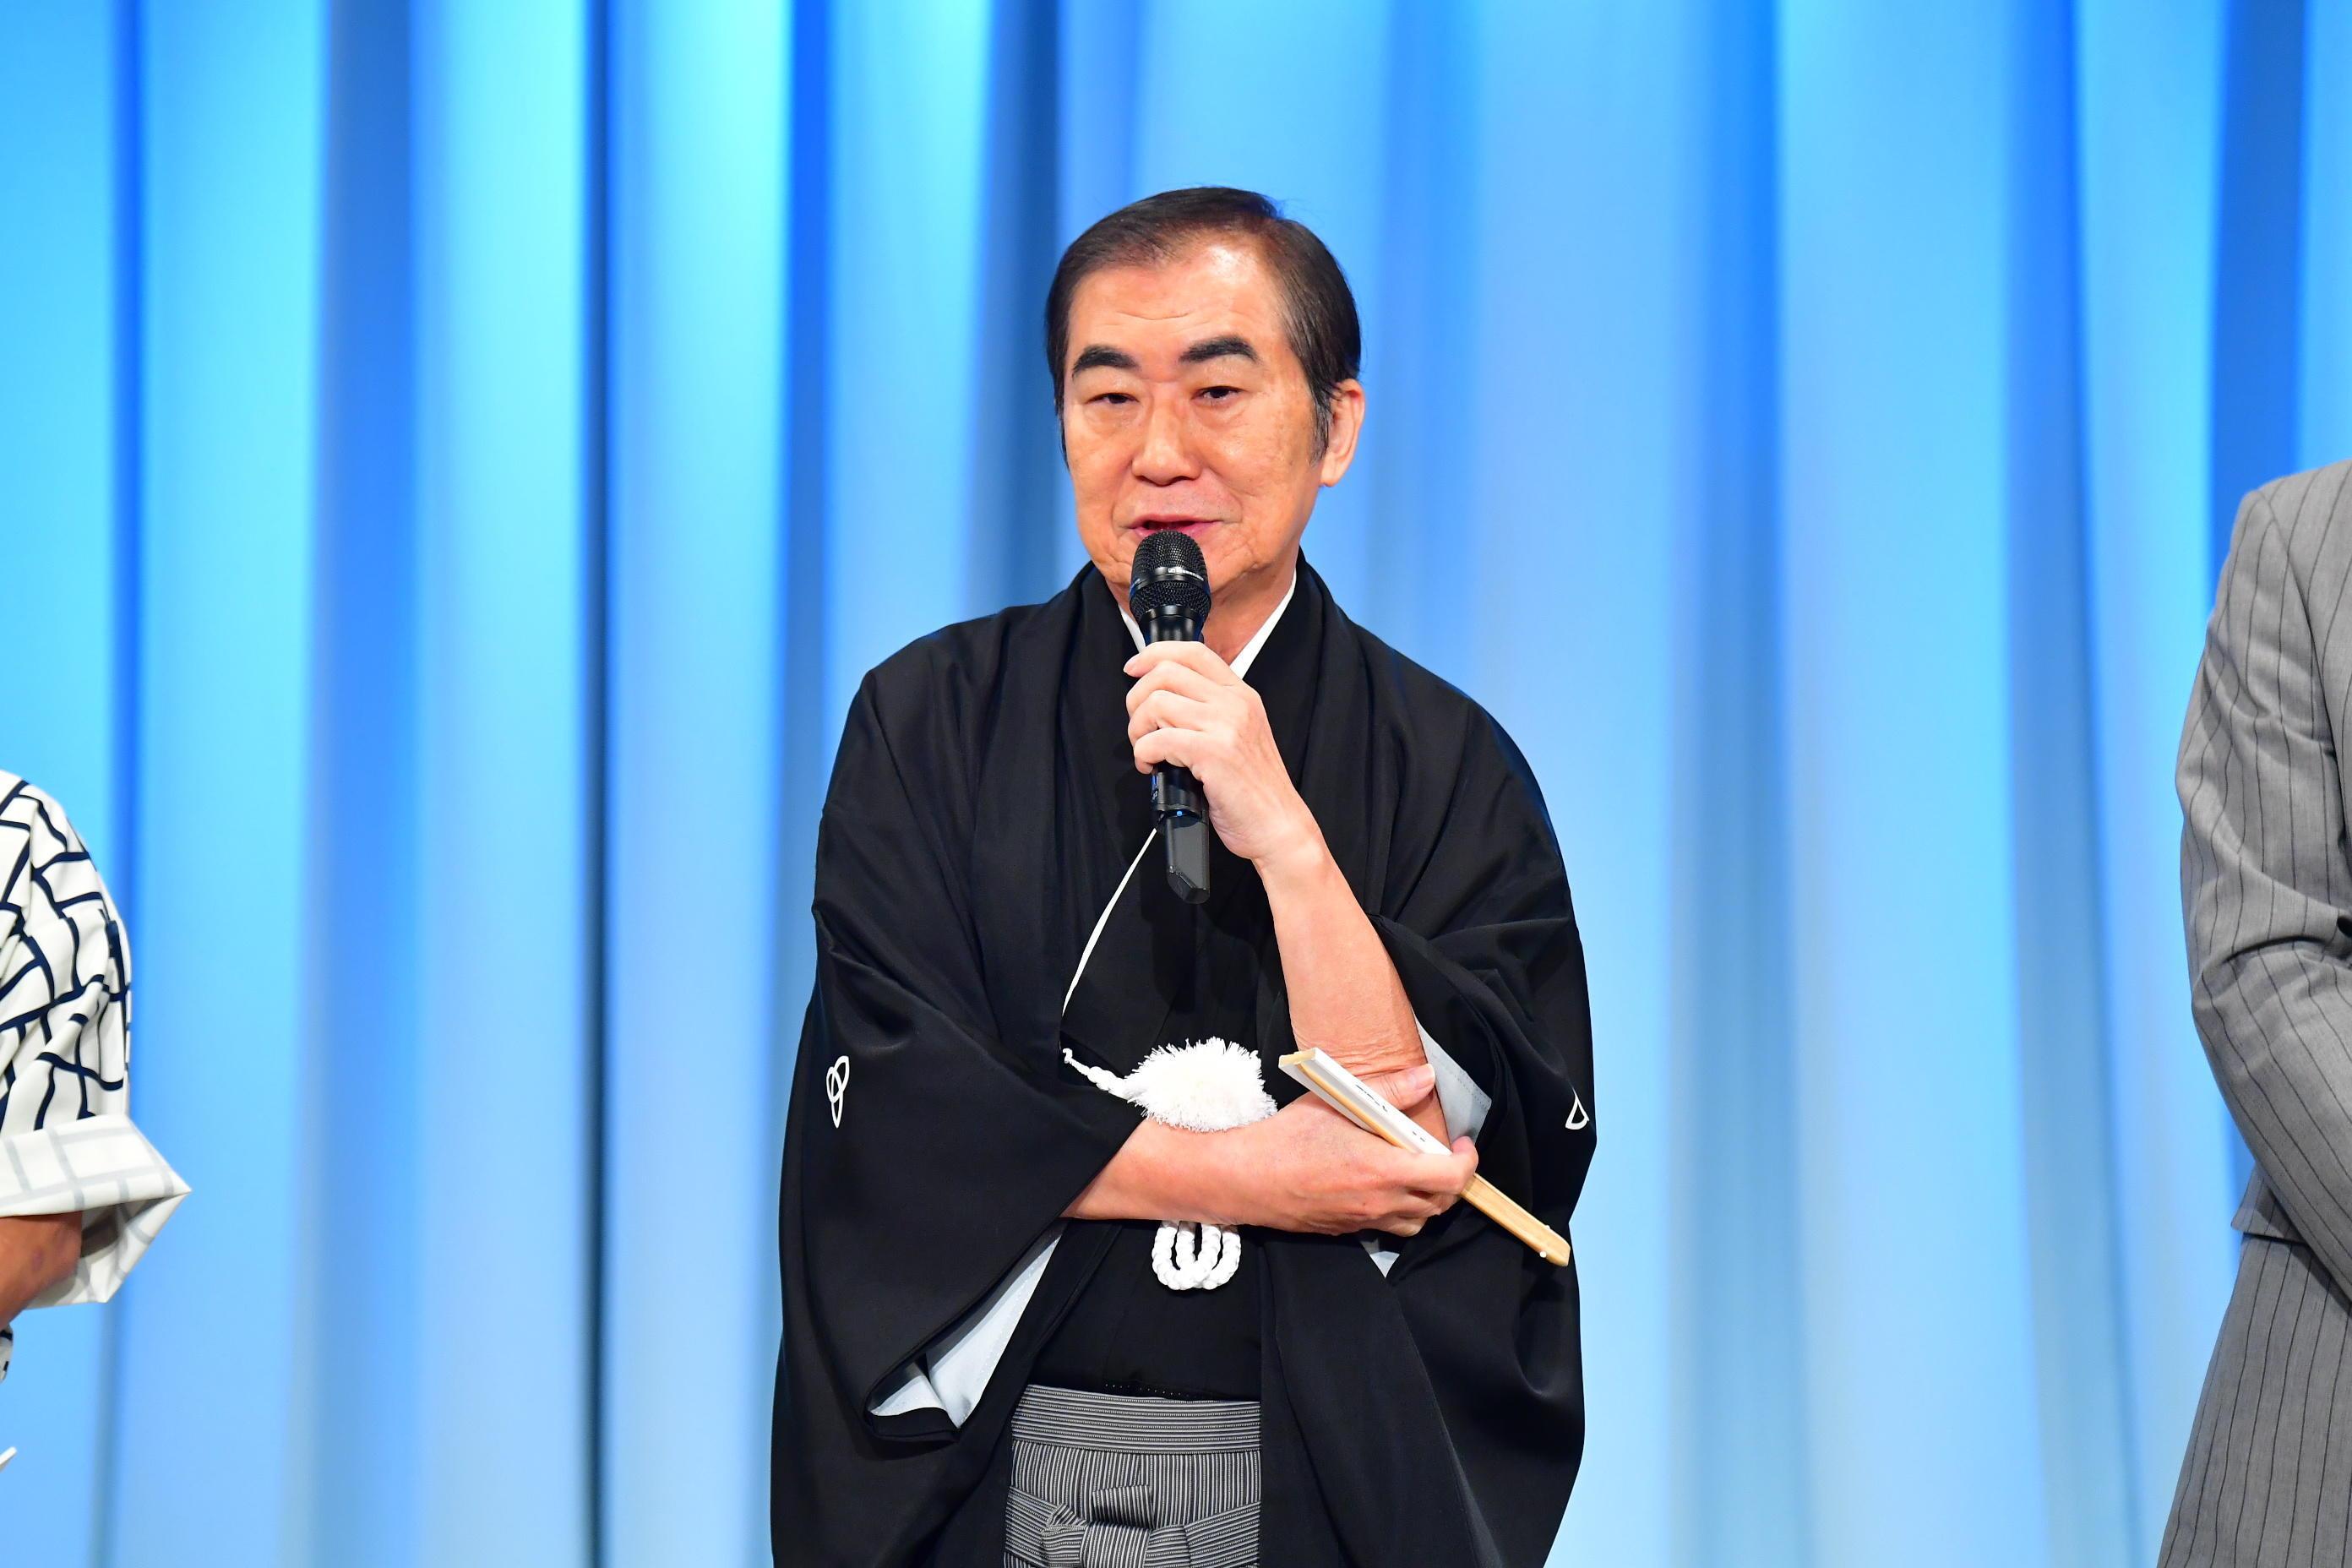 http://news.yoshimoto.co.jp/20171207222950-db0c6e8505e5d41537ee1e38214666dc85f5d71d.jpg